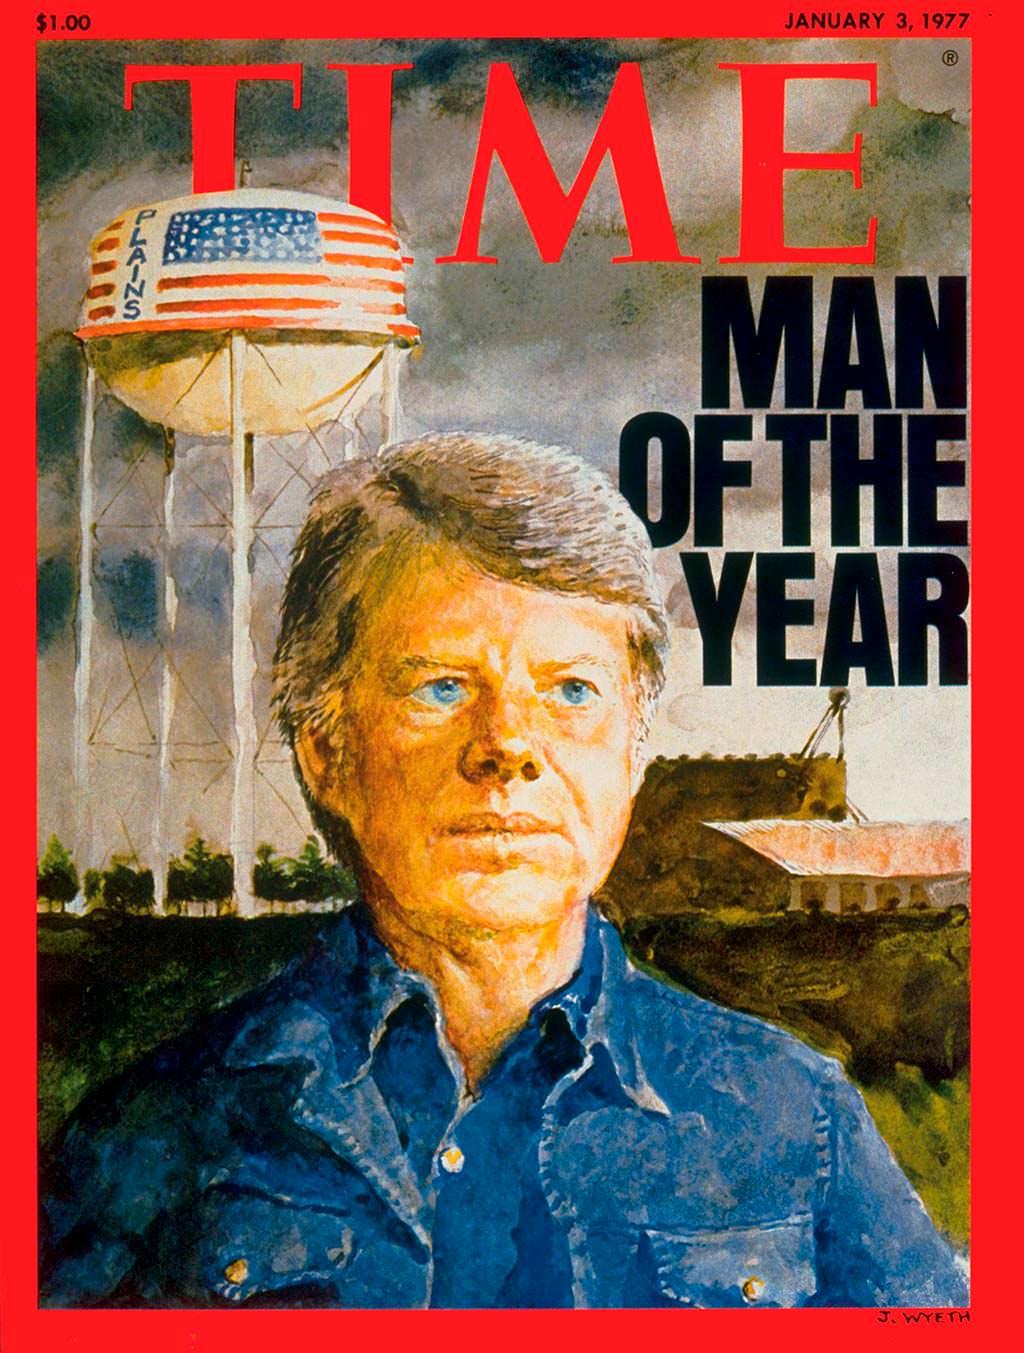 1976 год. 39-й президент США Джимми Картер на обложке Time